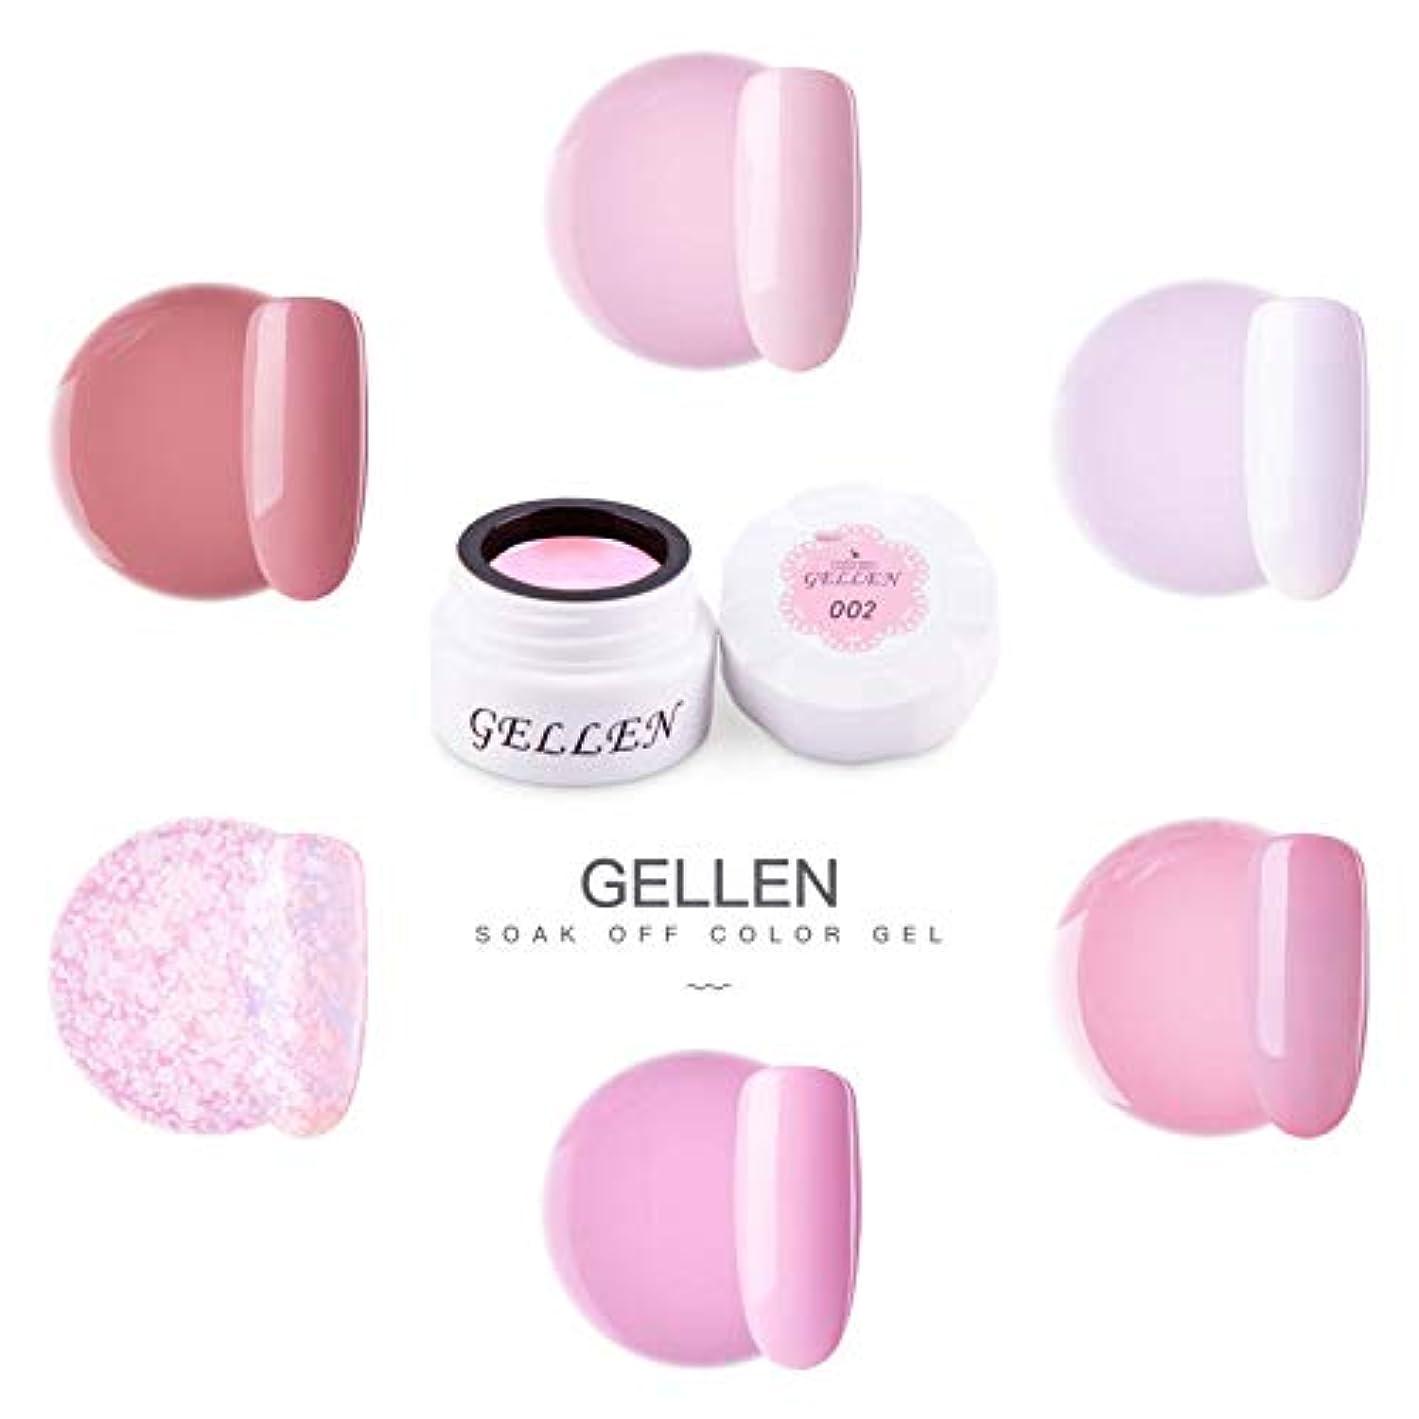 眠いですお願いしますパワーセルGellen カラージェル 6色 セット[ライトピンク系]高品質 5g ジェルネイル カラー ネイルブラシ付き